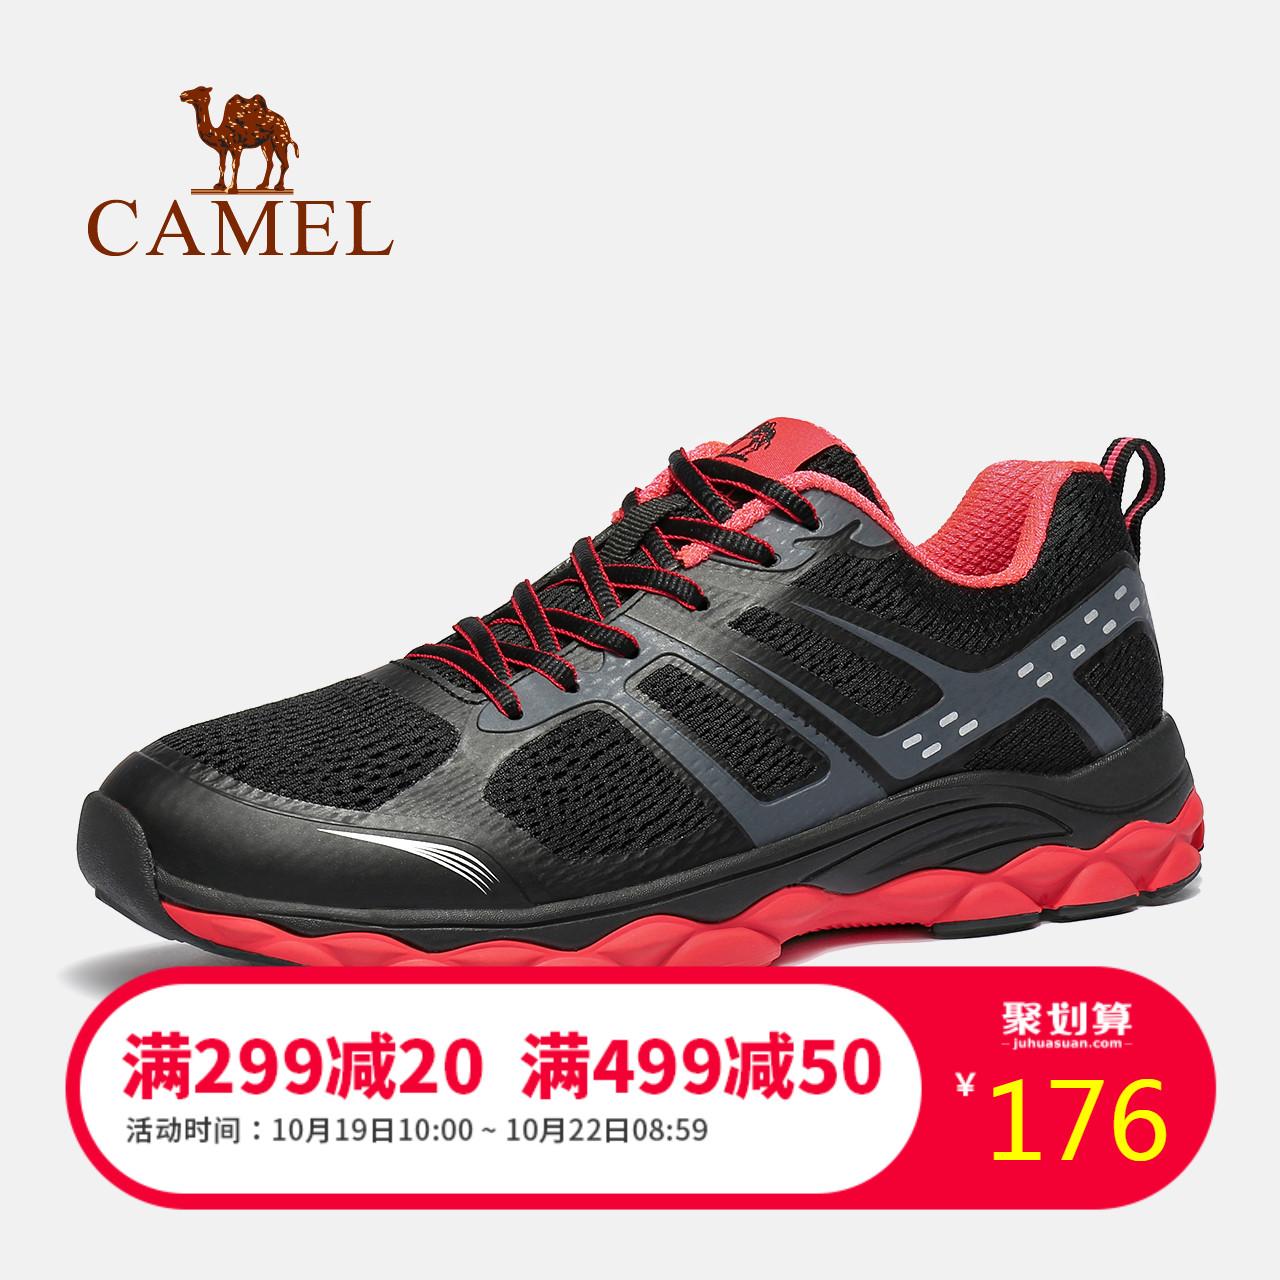 骆驼运动鞋男士休闲鞋轻便防滑透气减震网面旅游鞋学生跑步鞋男鞋